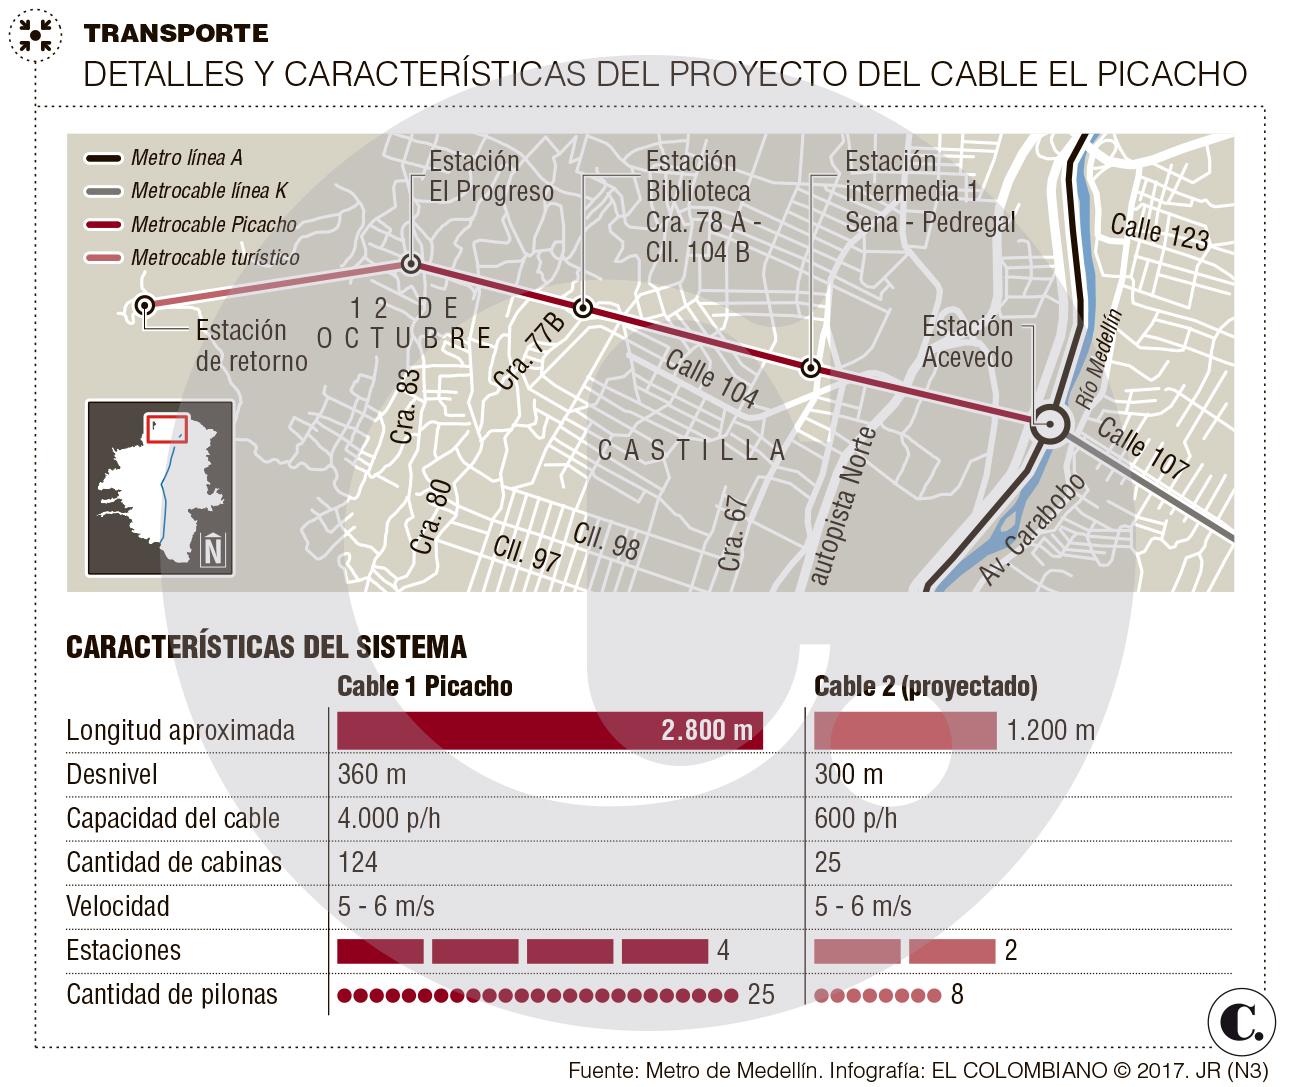 Línea P será la referencia del metrocable Picacho